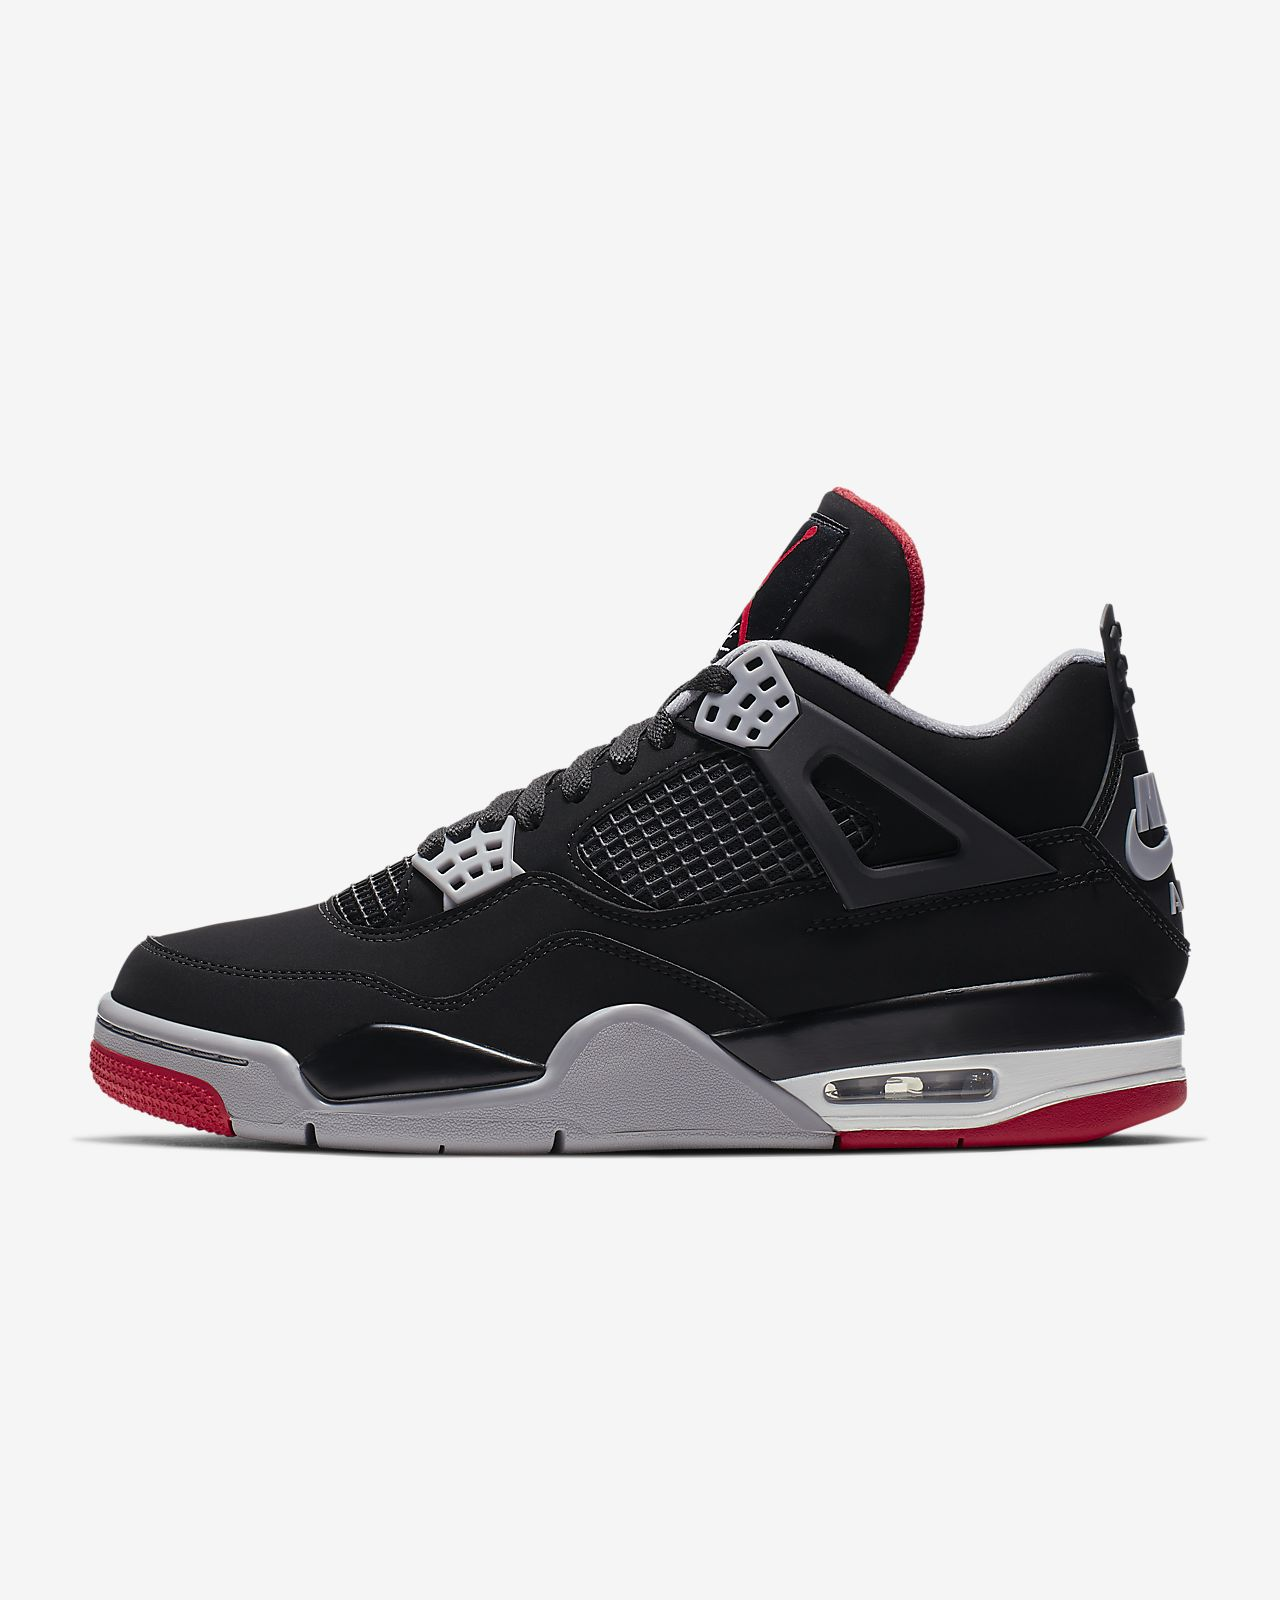 buy online 6e8aa 782e4 ... Chaussure Air Jordan 4 Retro pour Homme